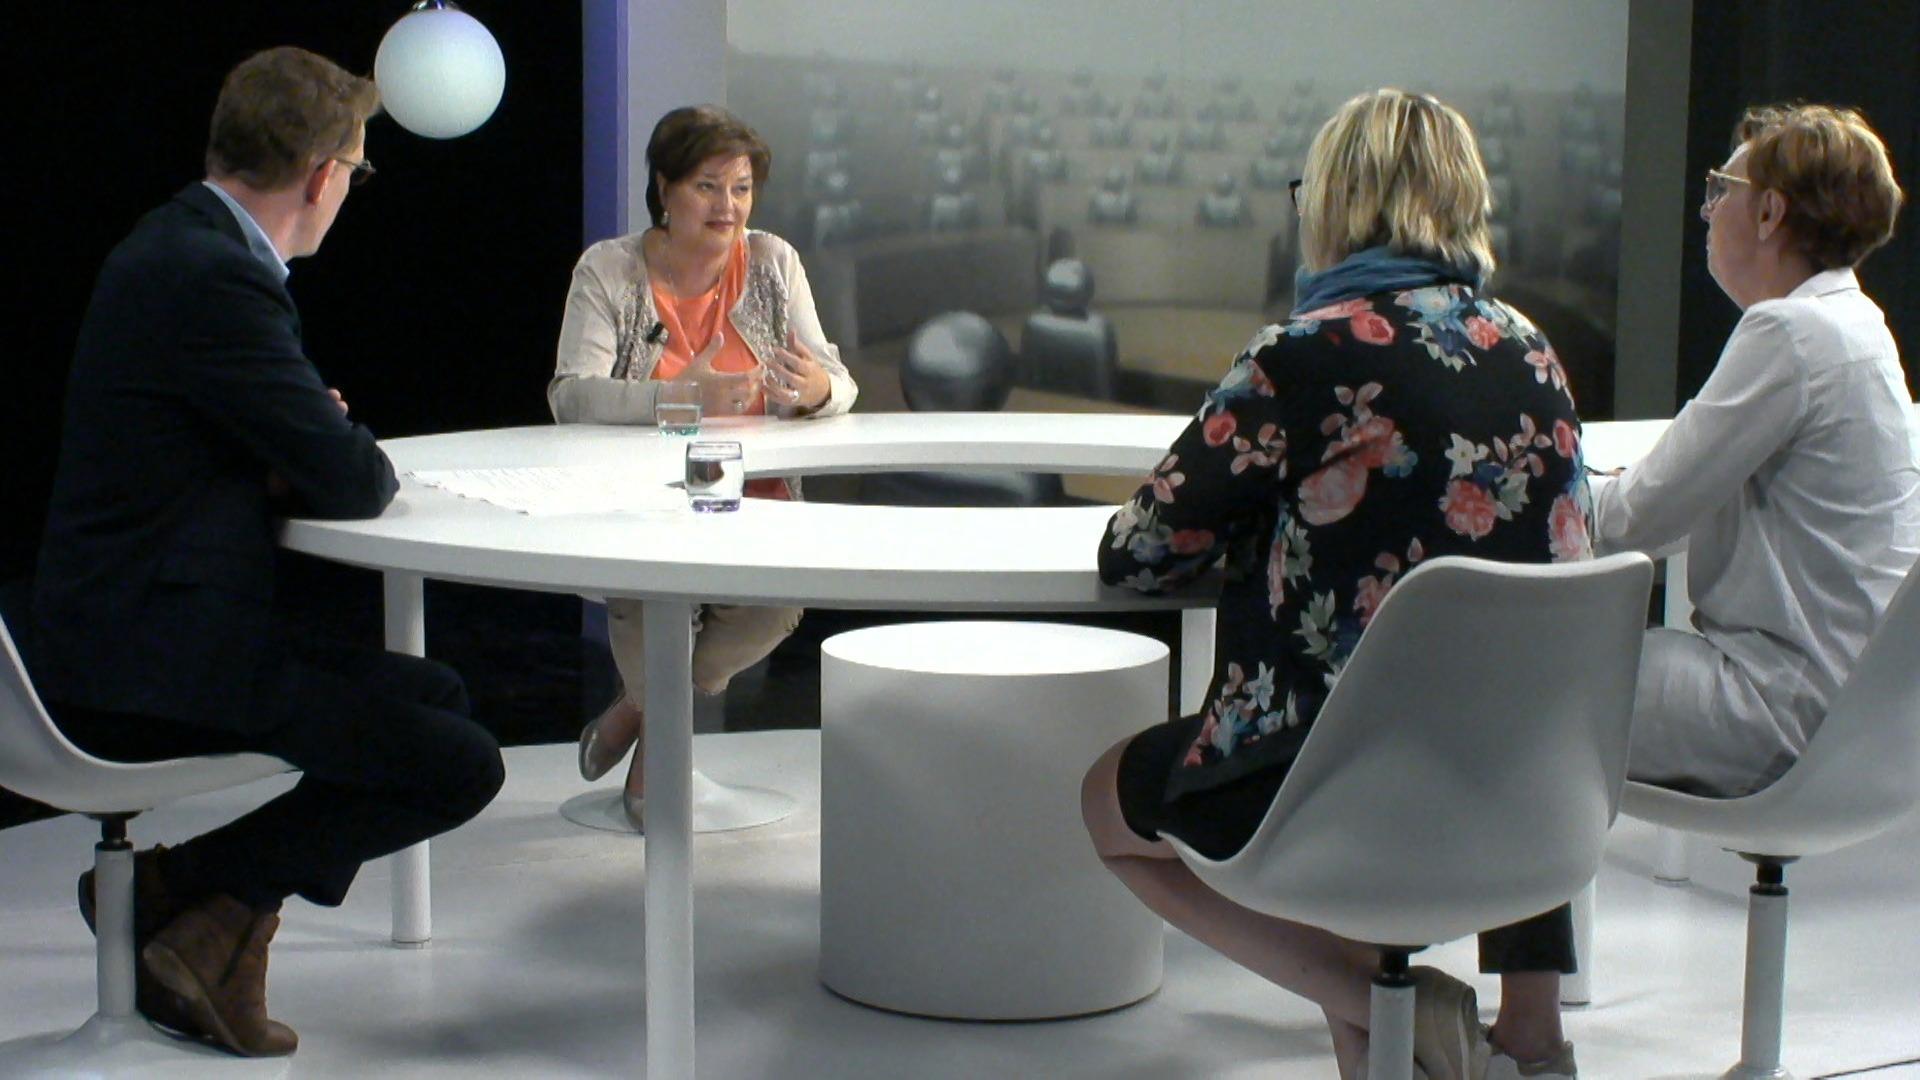 Het Debat: Seks en intimiteit voor zorgbehoevenden - met Tine van der Vloet, Martine Taelman en Miek Scheepers